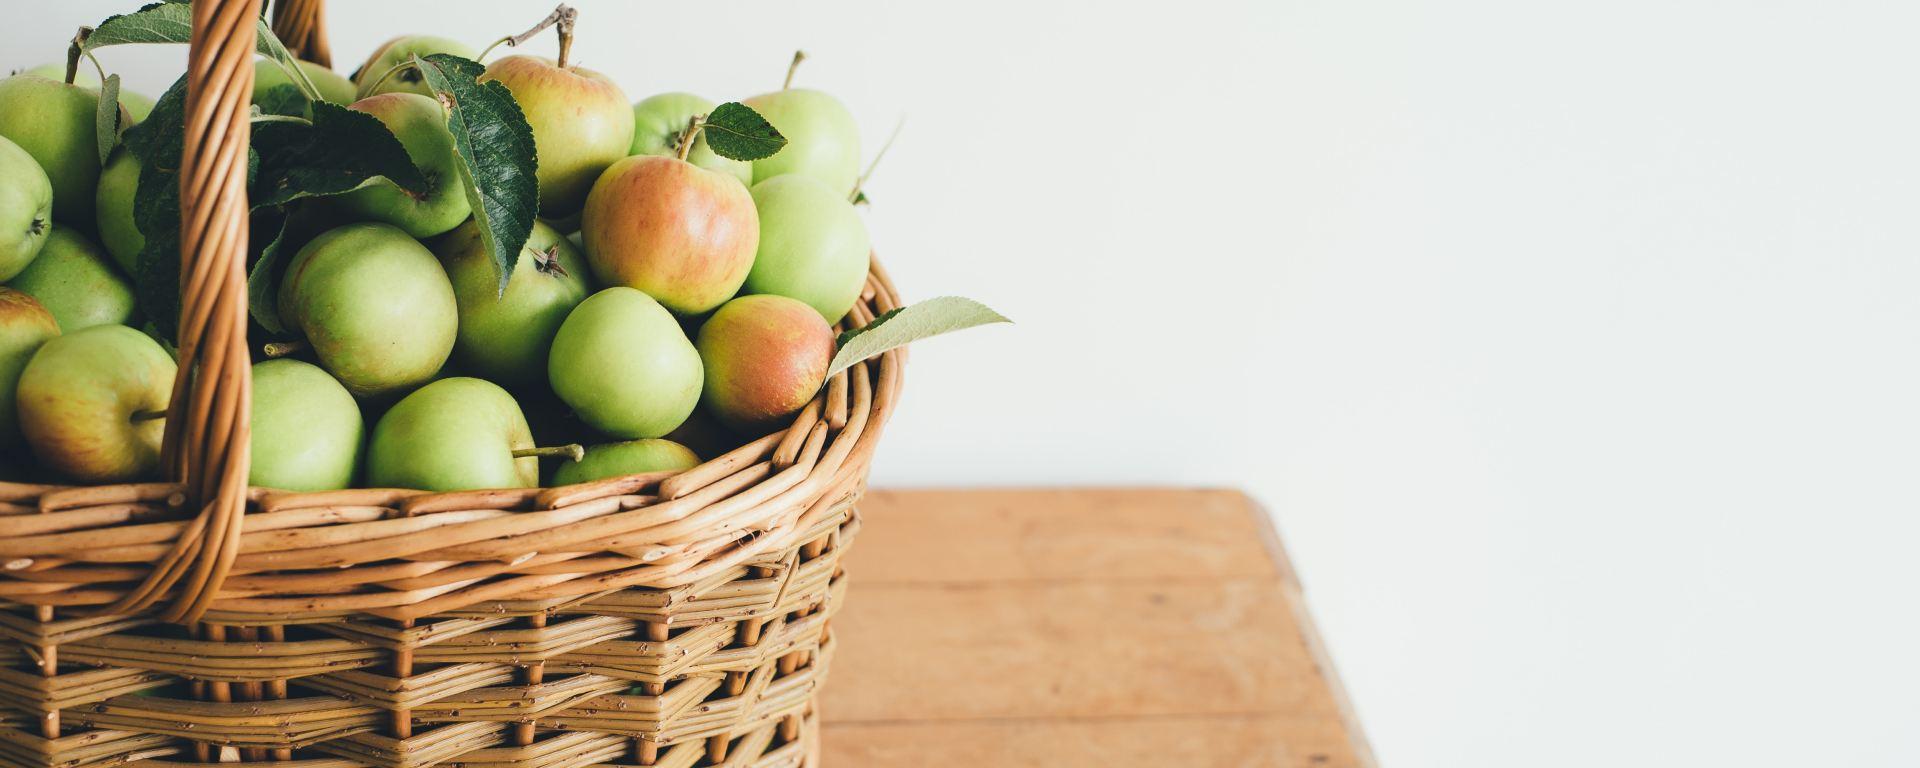 Pommes du jardin dans un panier